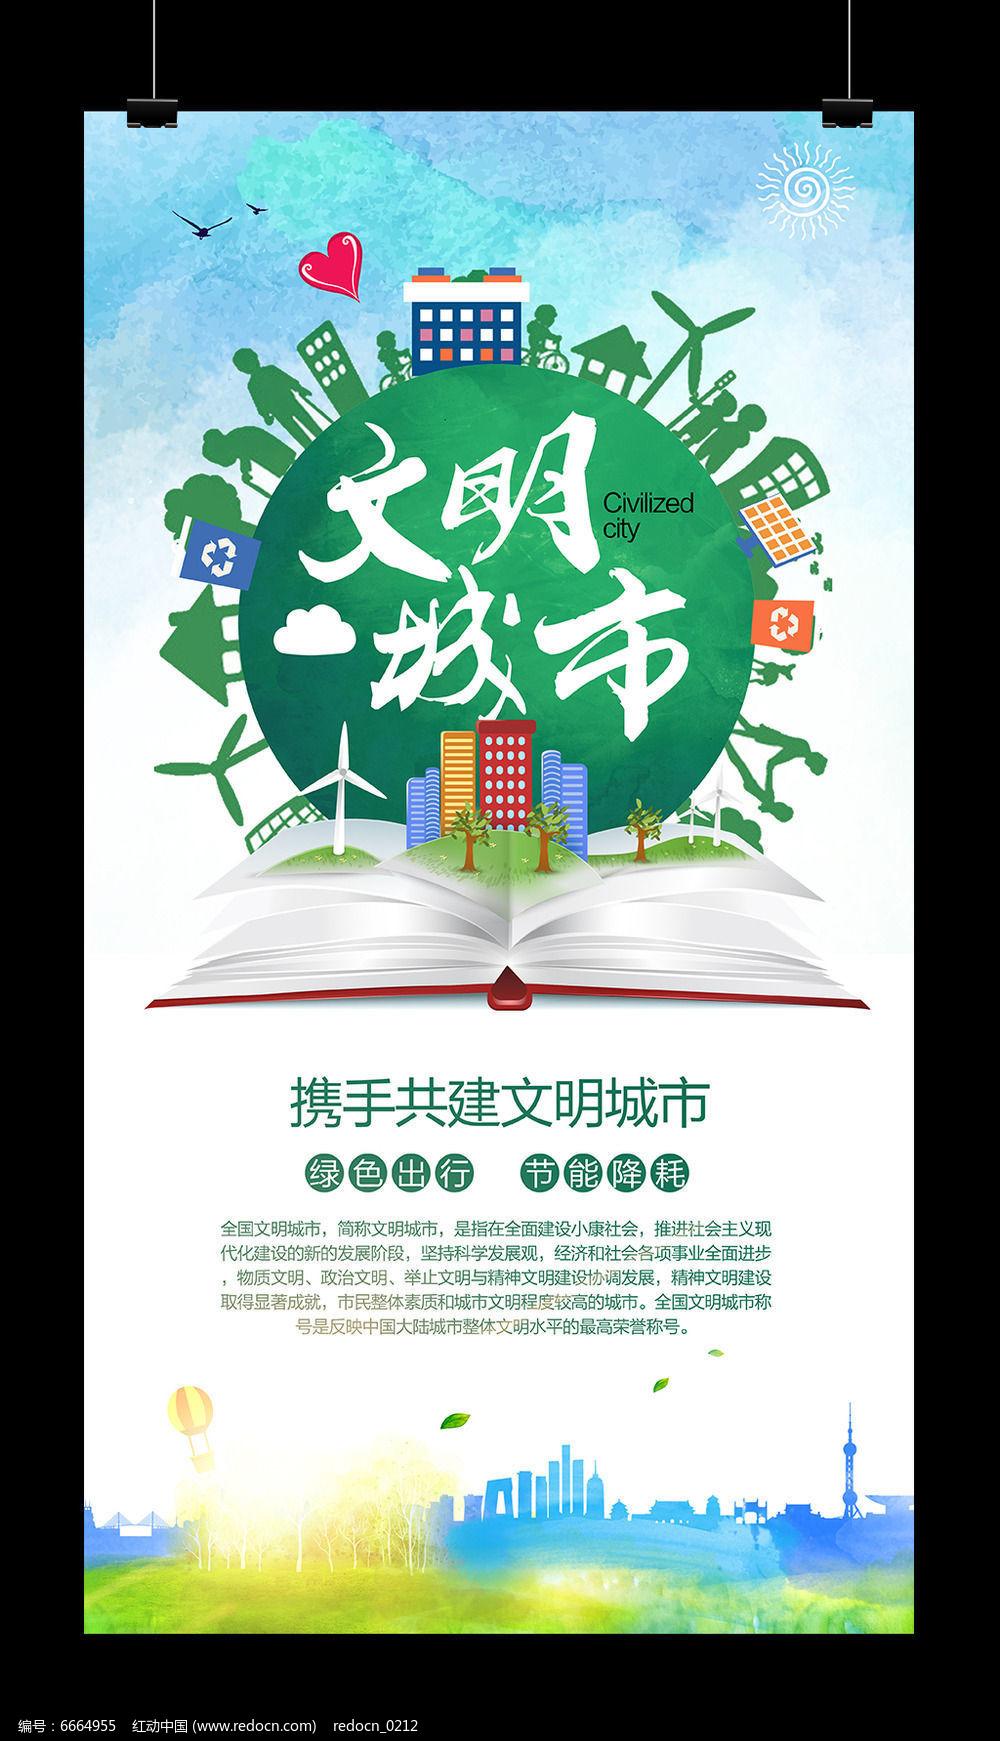 创建文明城市宣传标语海报